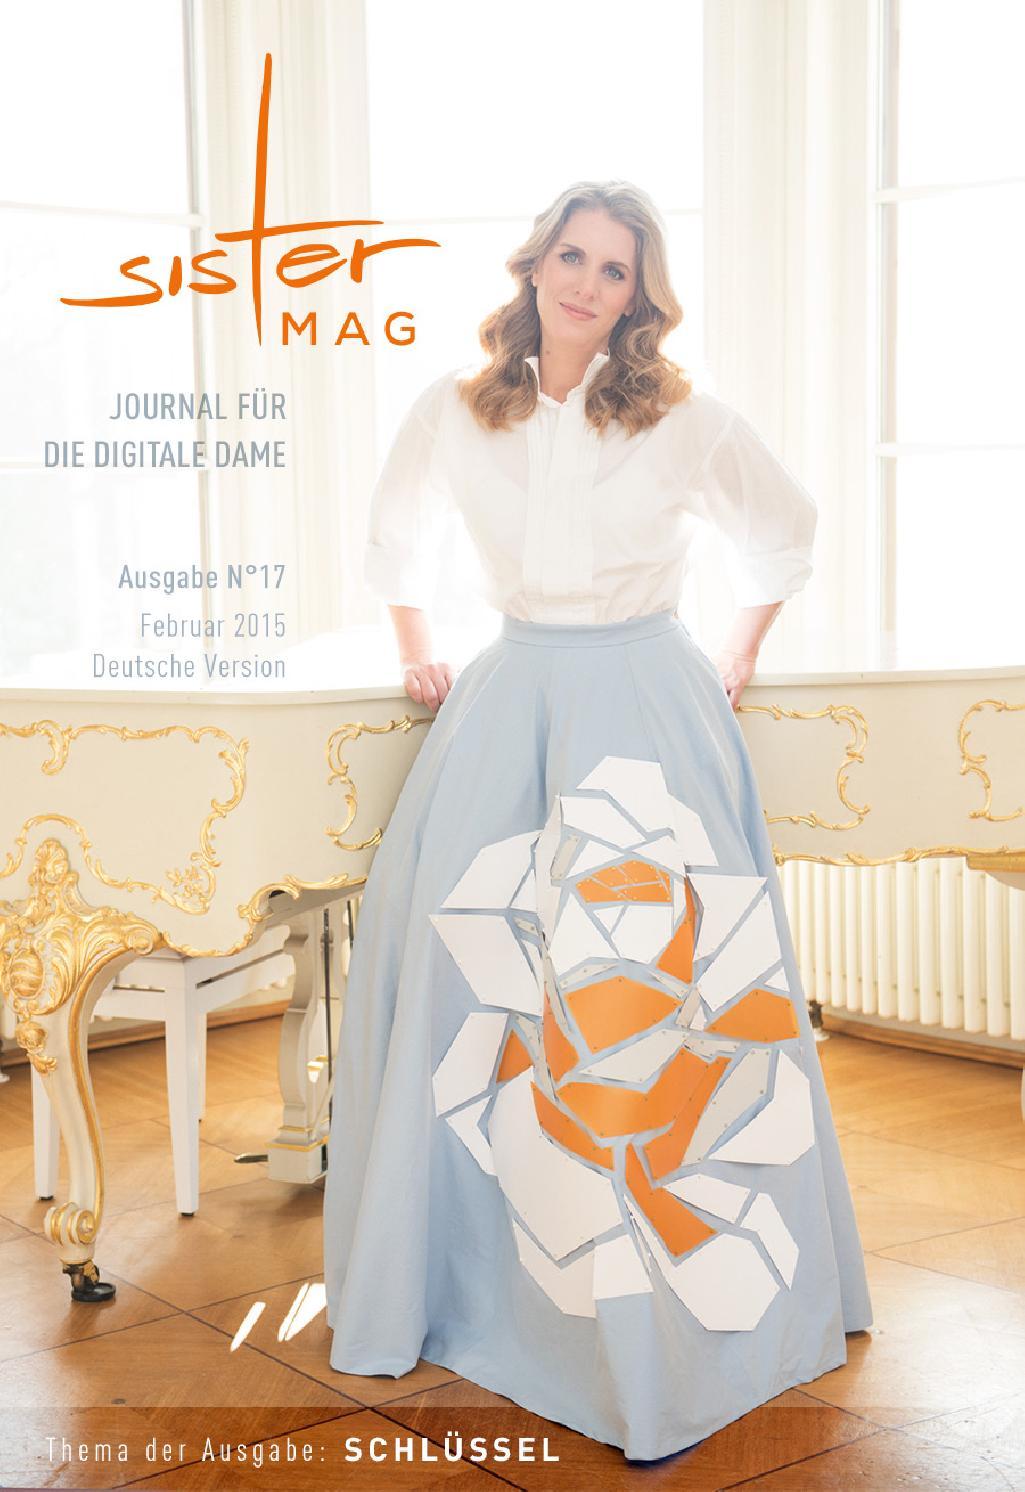 sisterMAG Ausgabe 17 by sisterMAG - issuu